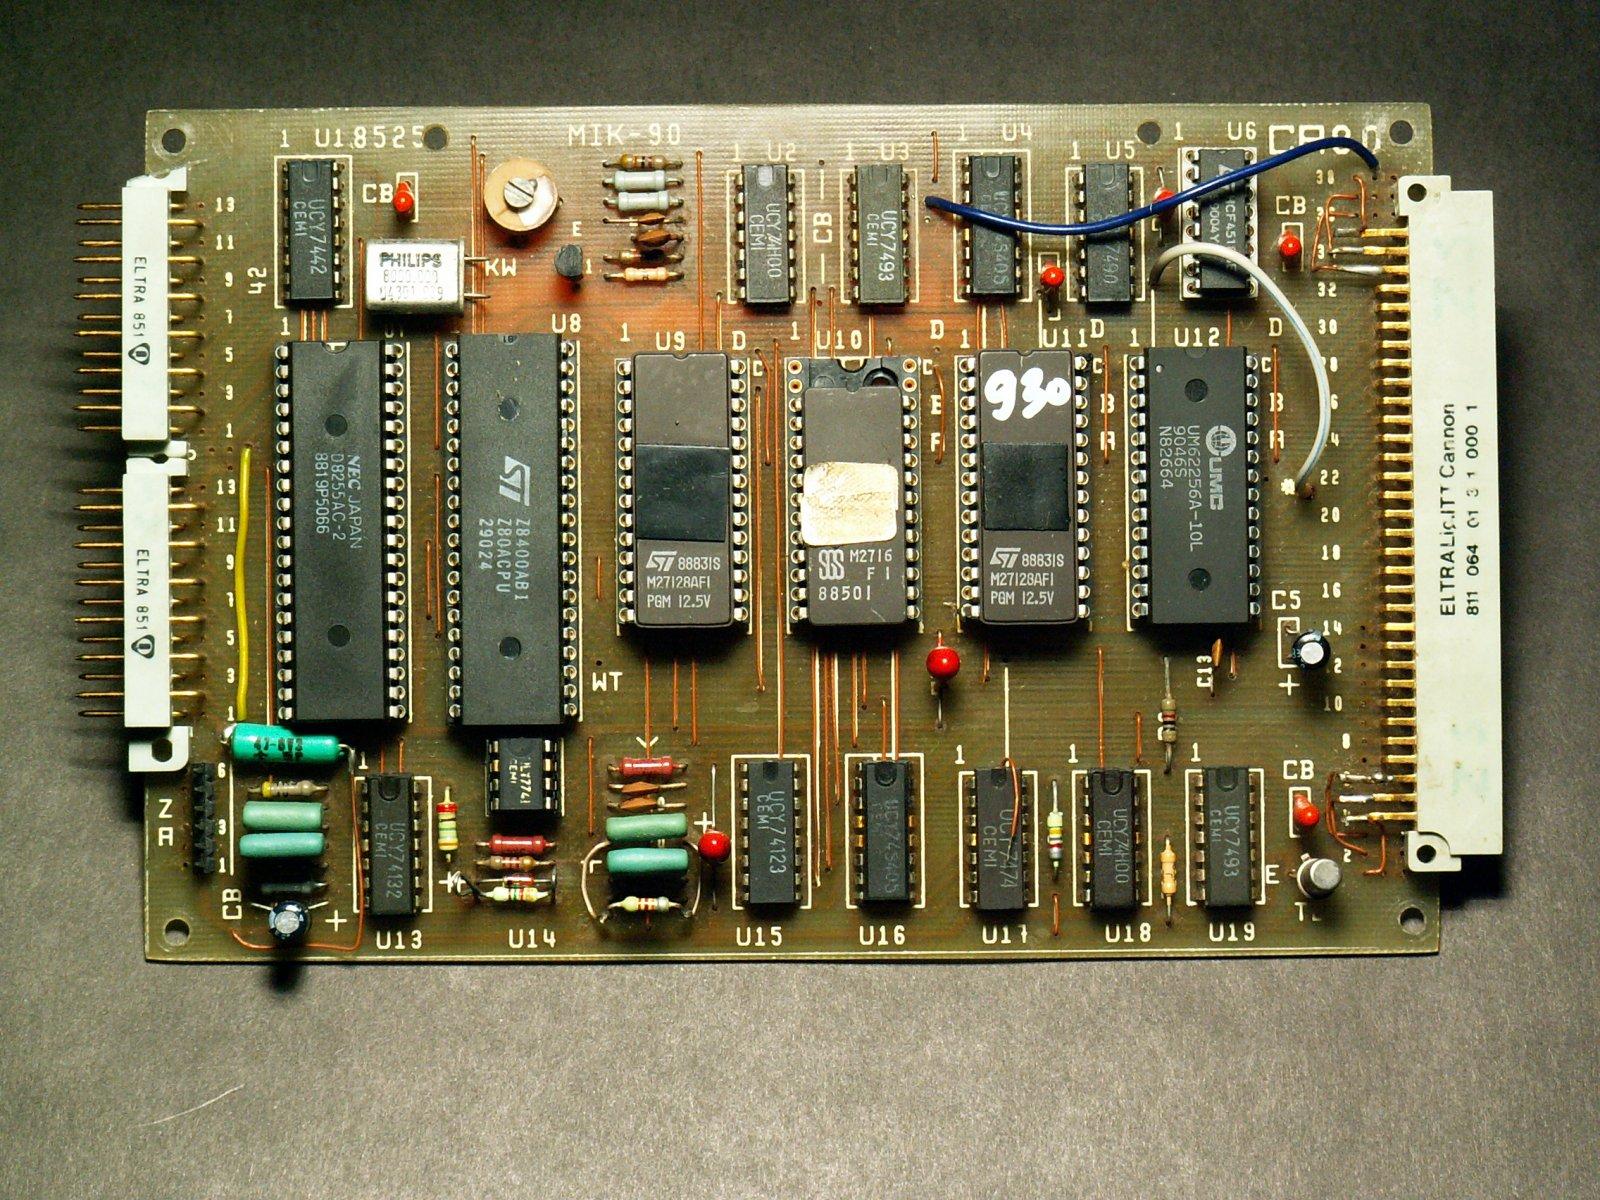 Budowa w�asnego minikomputera CA80 - pytanie o scalaki 74xx